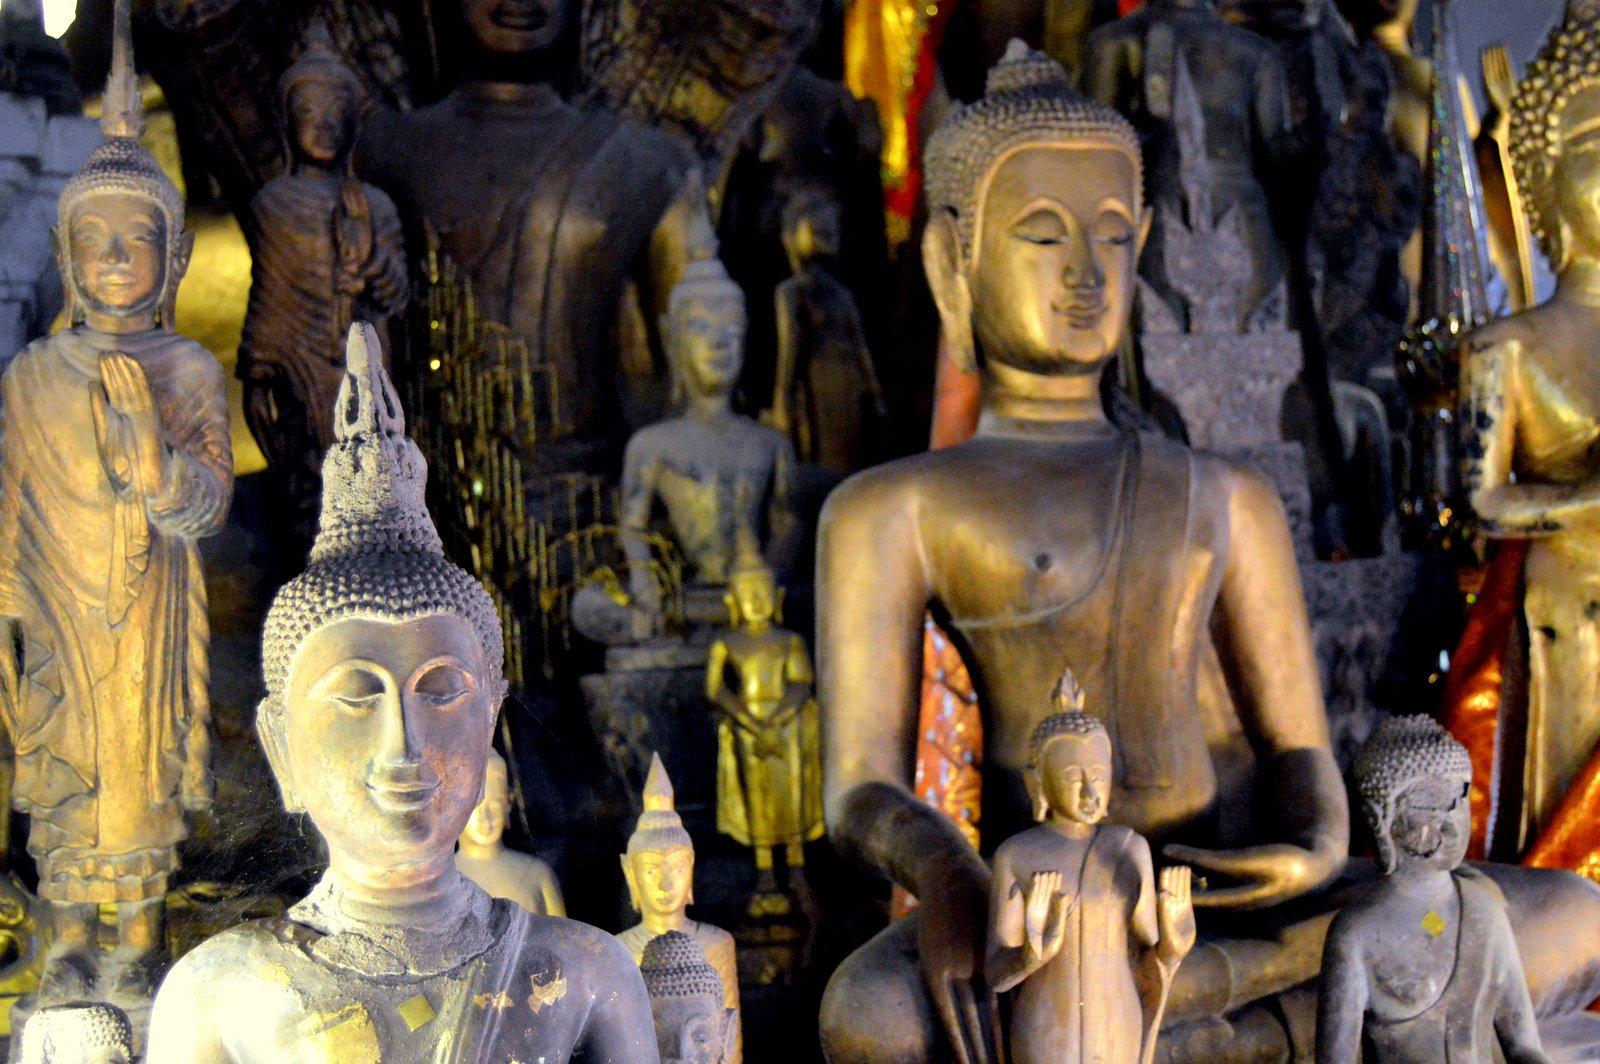 ЛАОС, Луанг-Прабанг. Храмы Ват Висан, Ват Ахам, монастырь Ват Ксьенг Тхонг